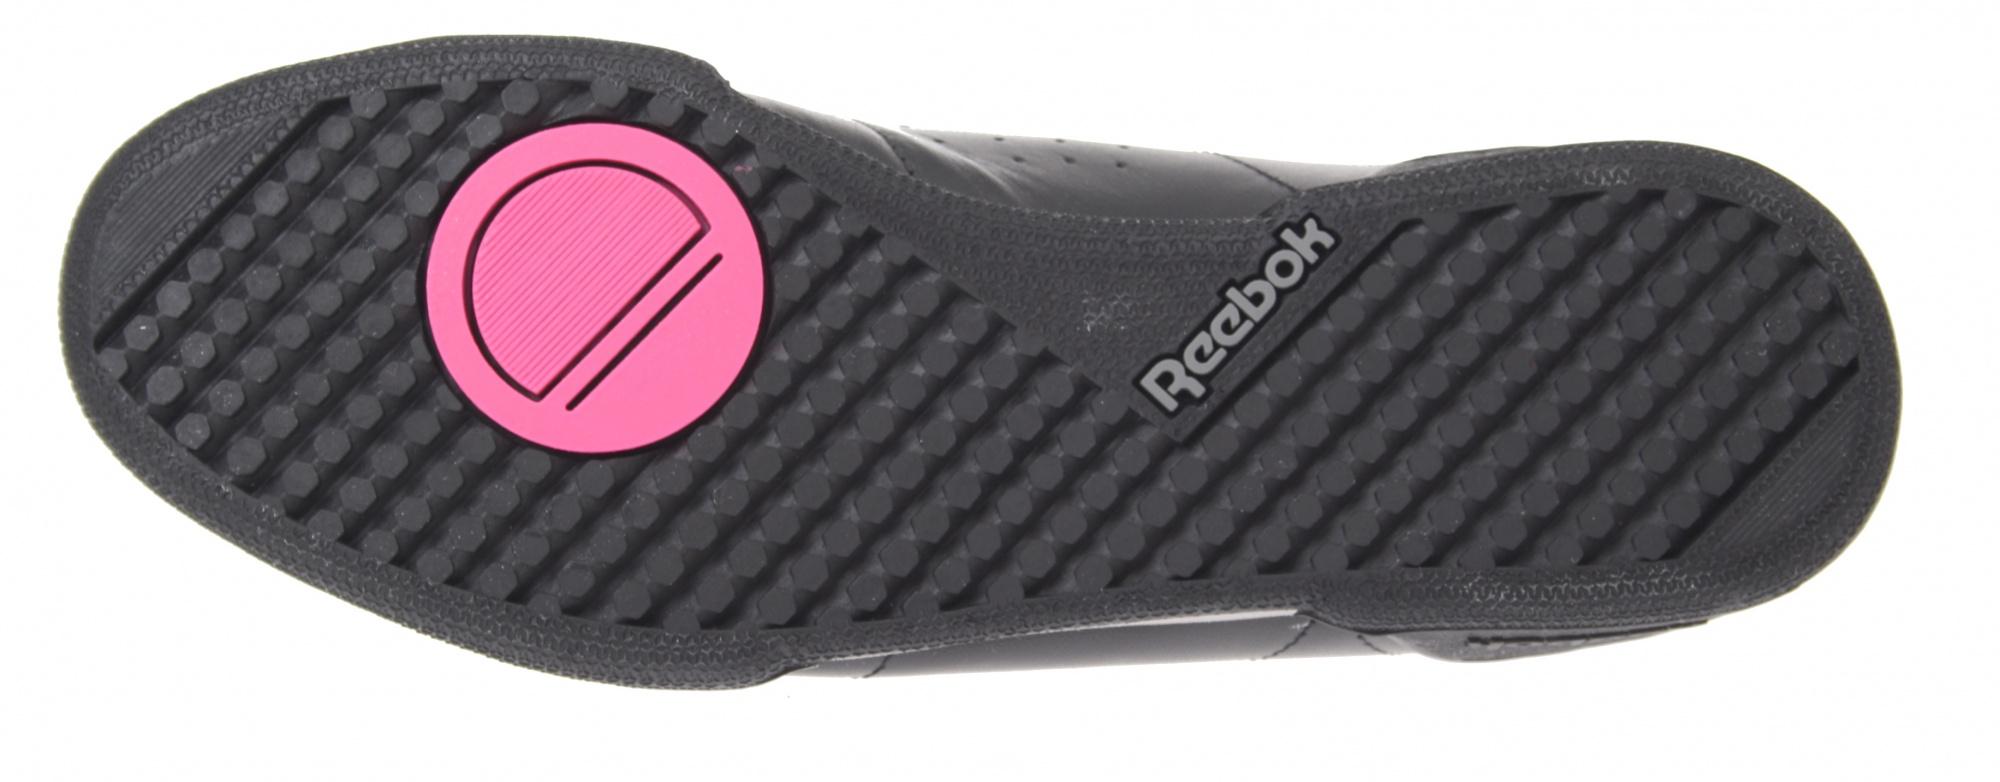 a25deaf6804c3 Reebok NPC II R12 Women Sneaker Black - Internet-Sport Casuals